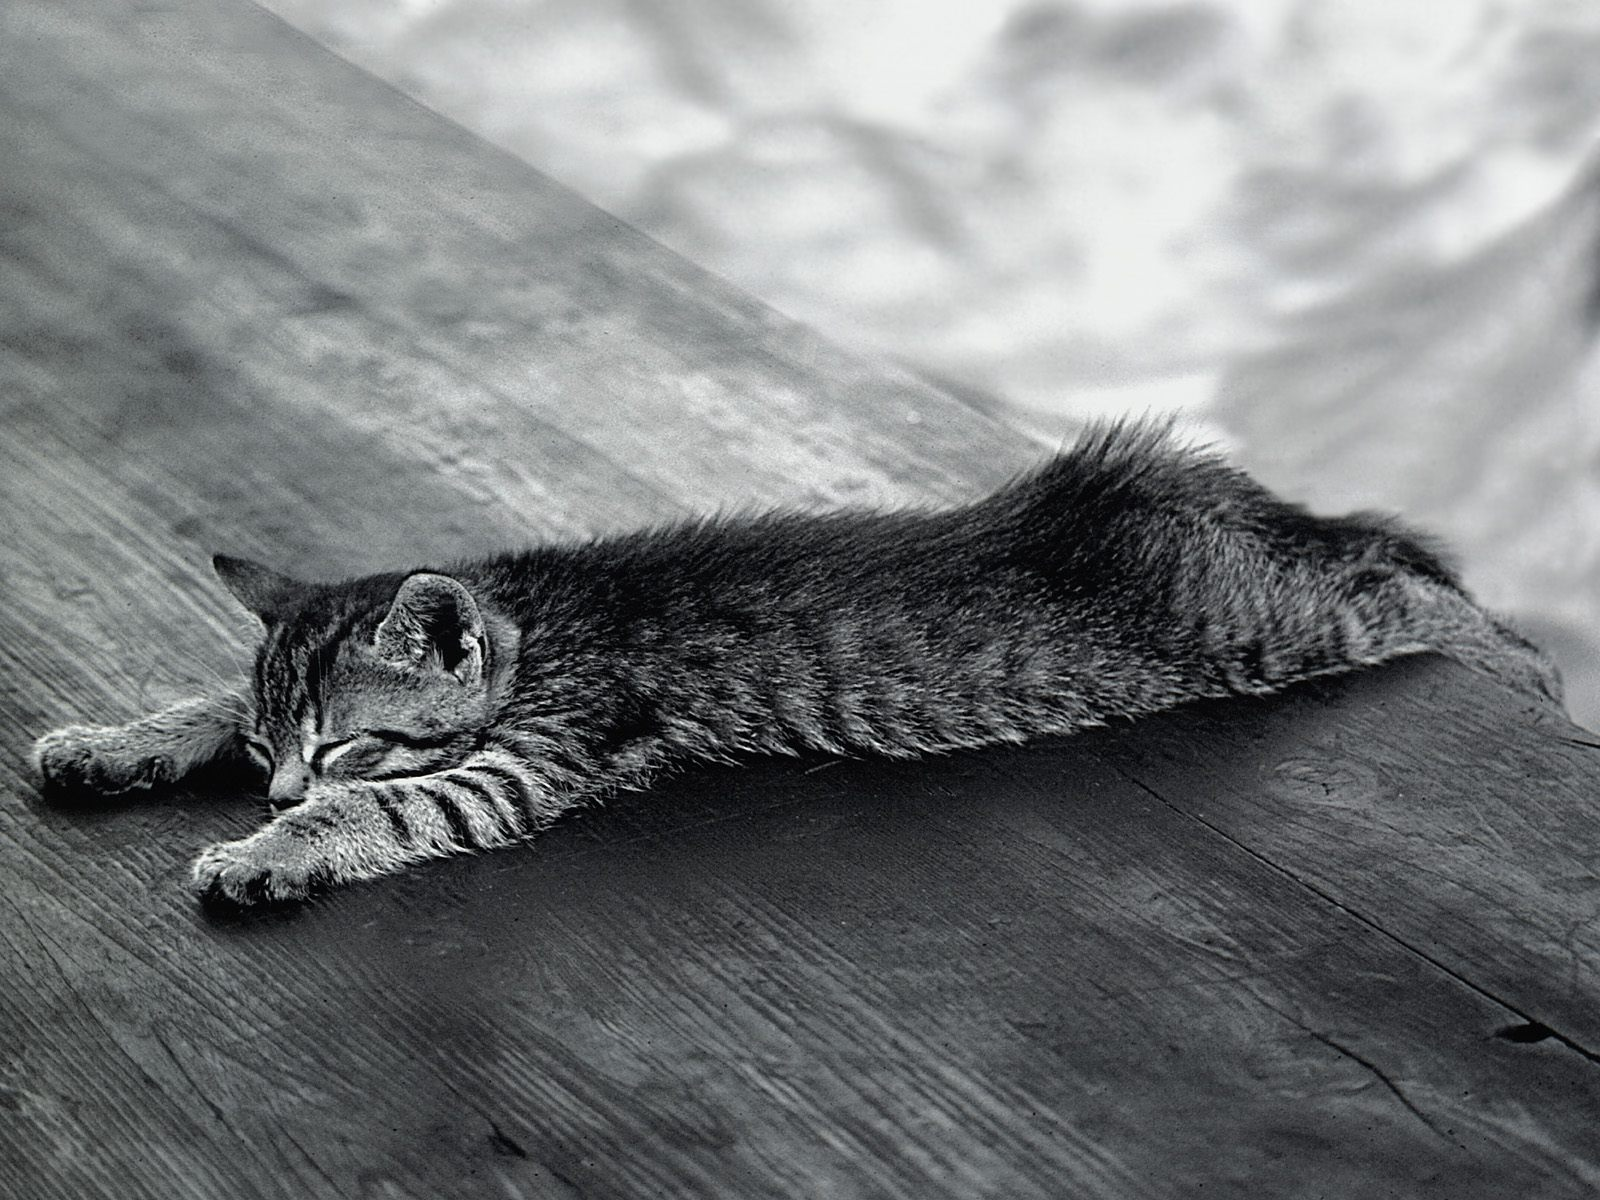 антик коты валяющиеся пластом картинки очень необычная внешне